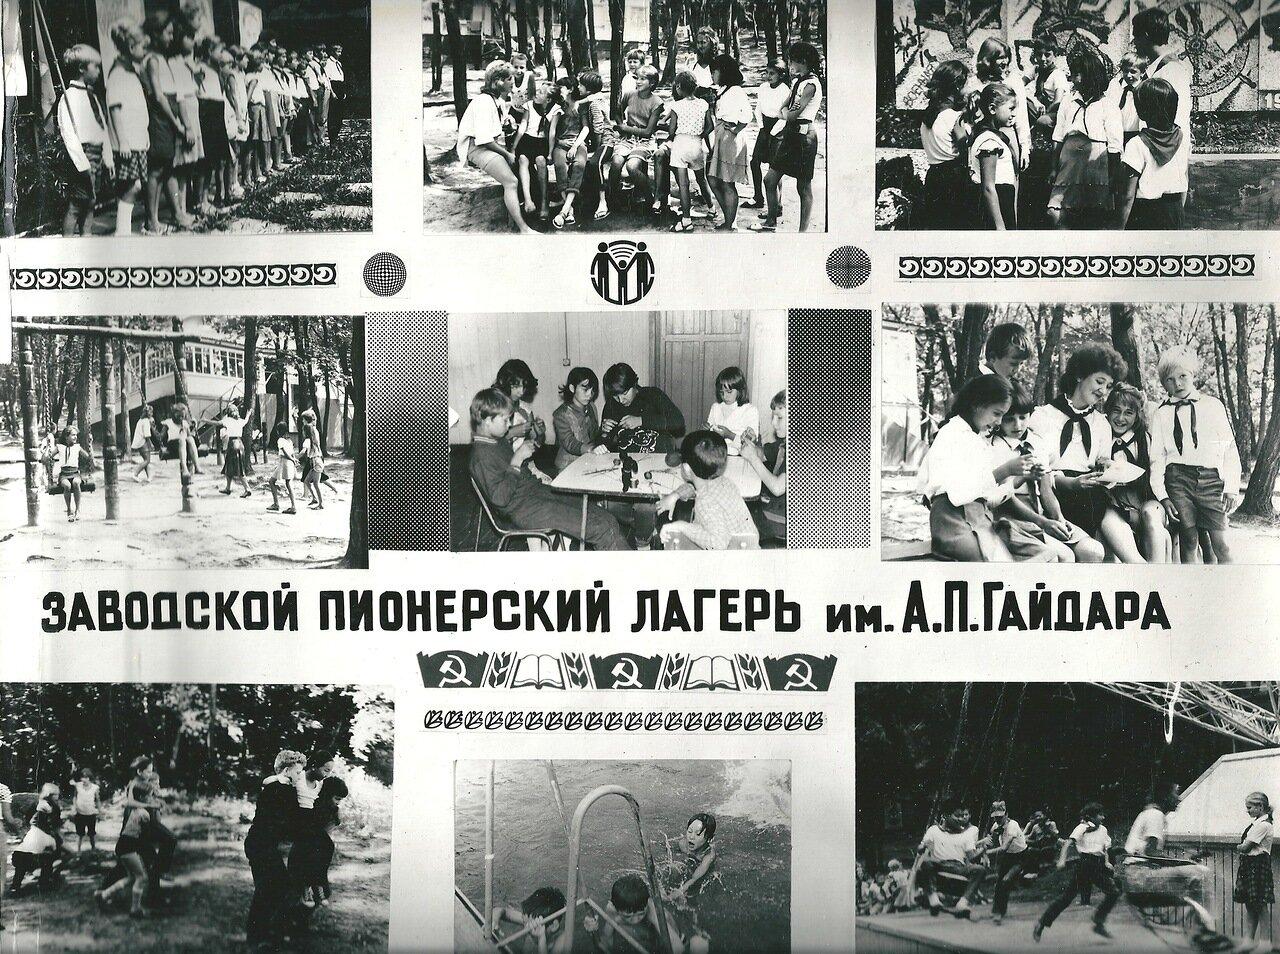 Рассказ в пионерском лагере 21 фотография